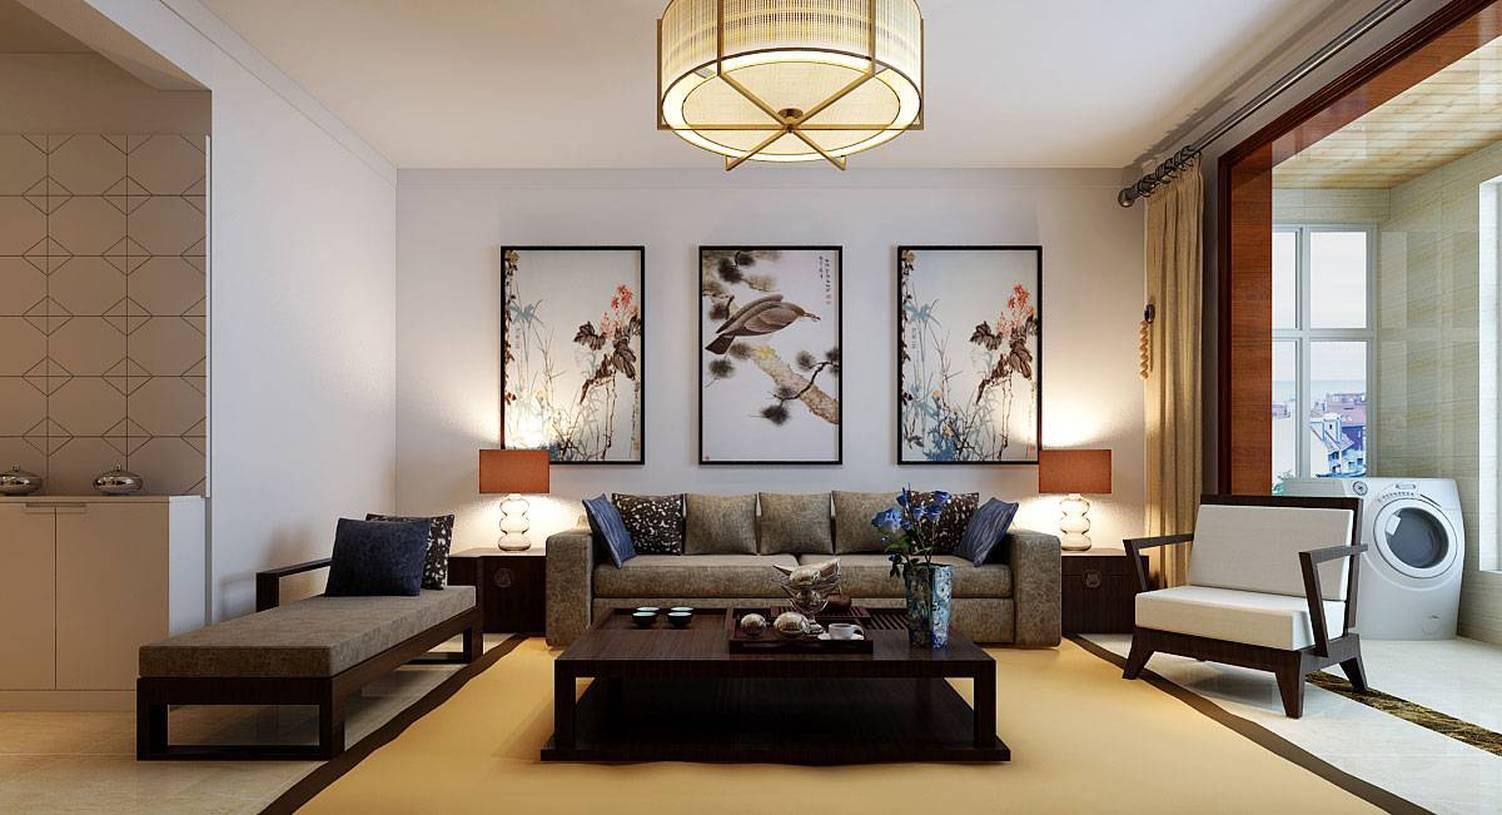 新中式风格二居客厅沙发背景墙装修效果图,新中式风格